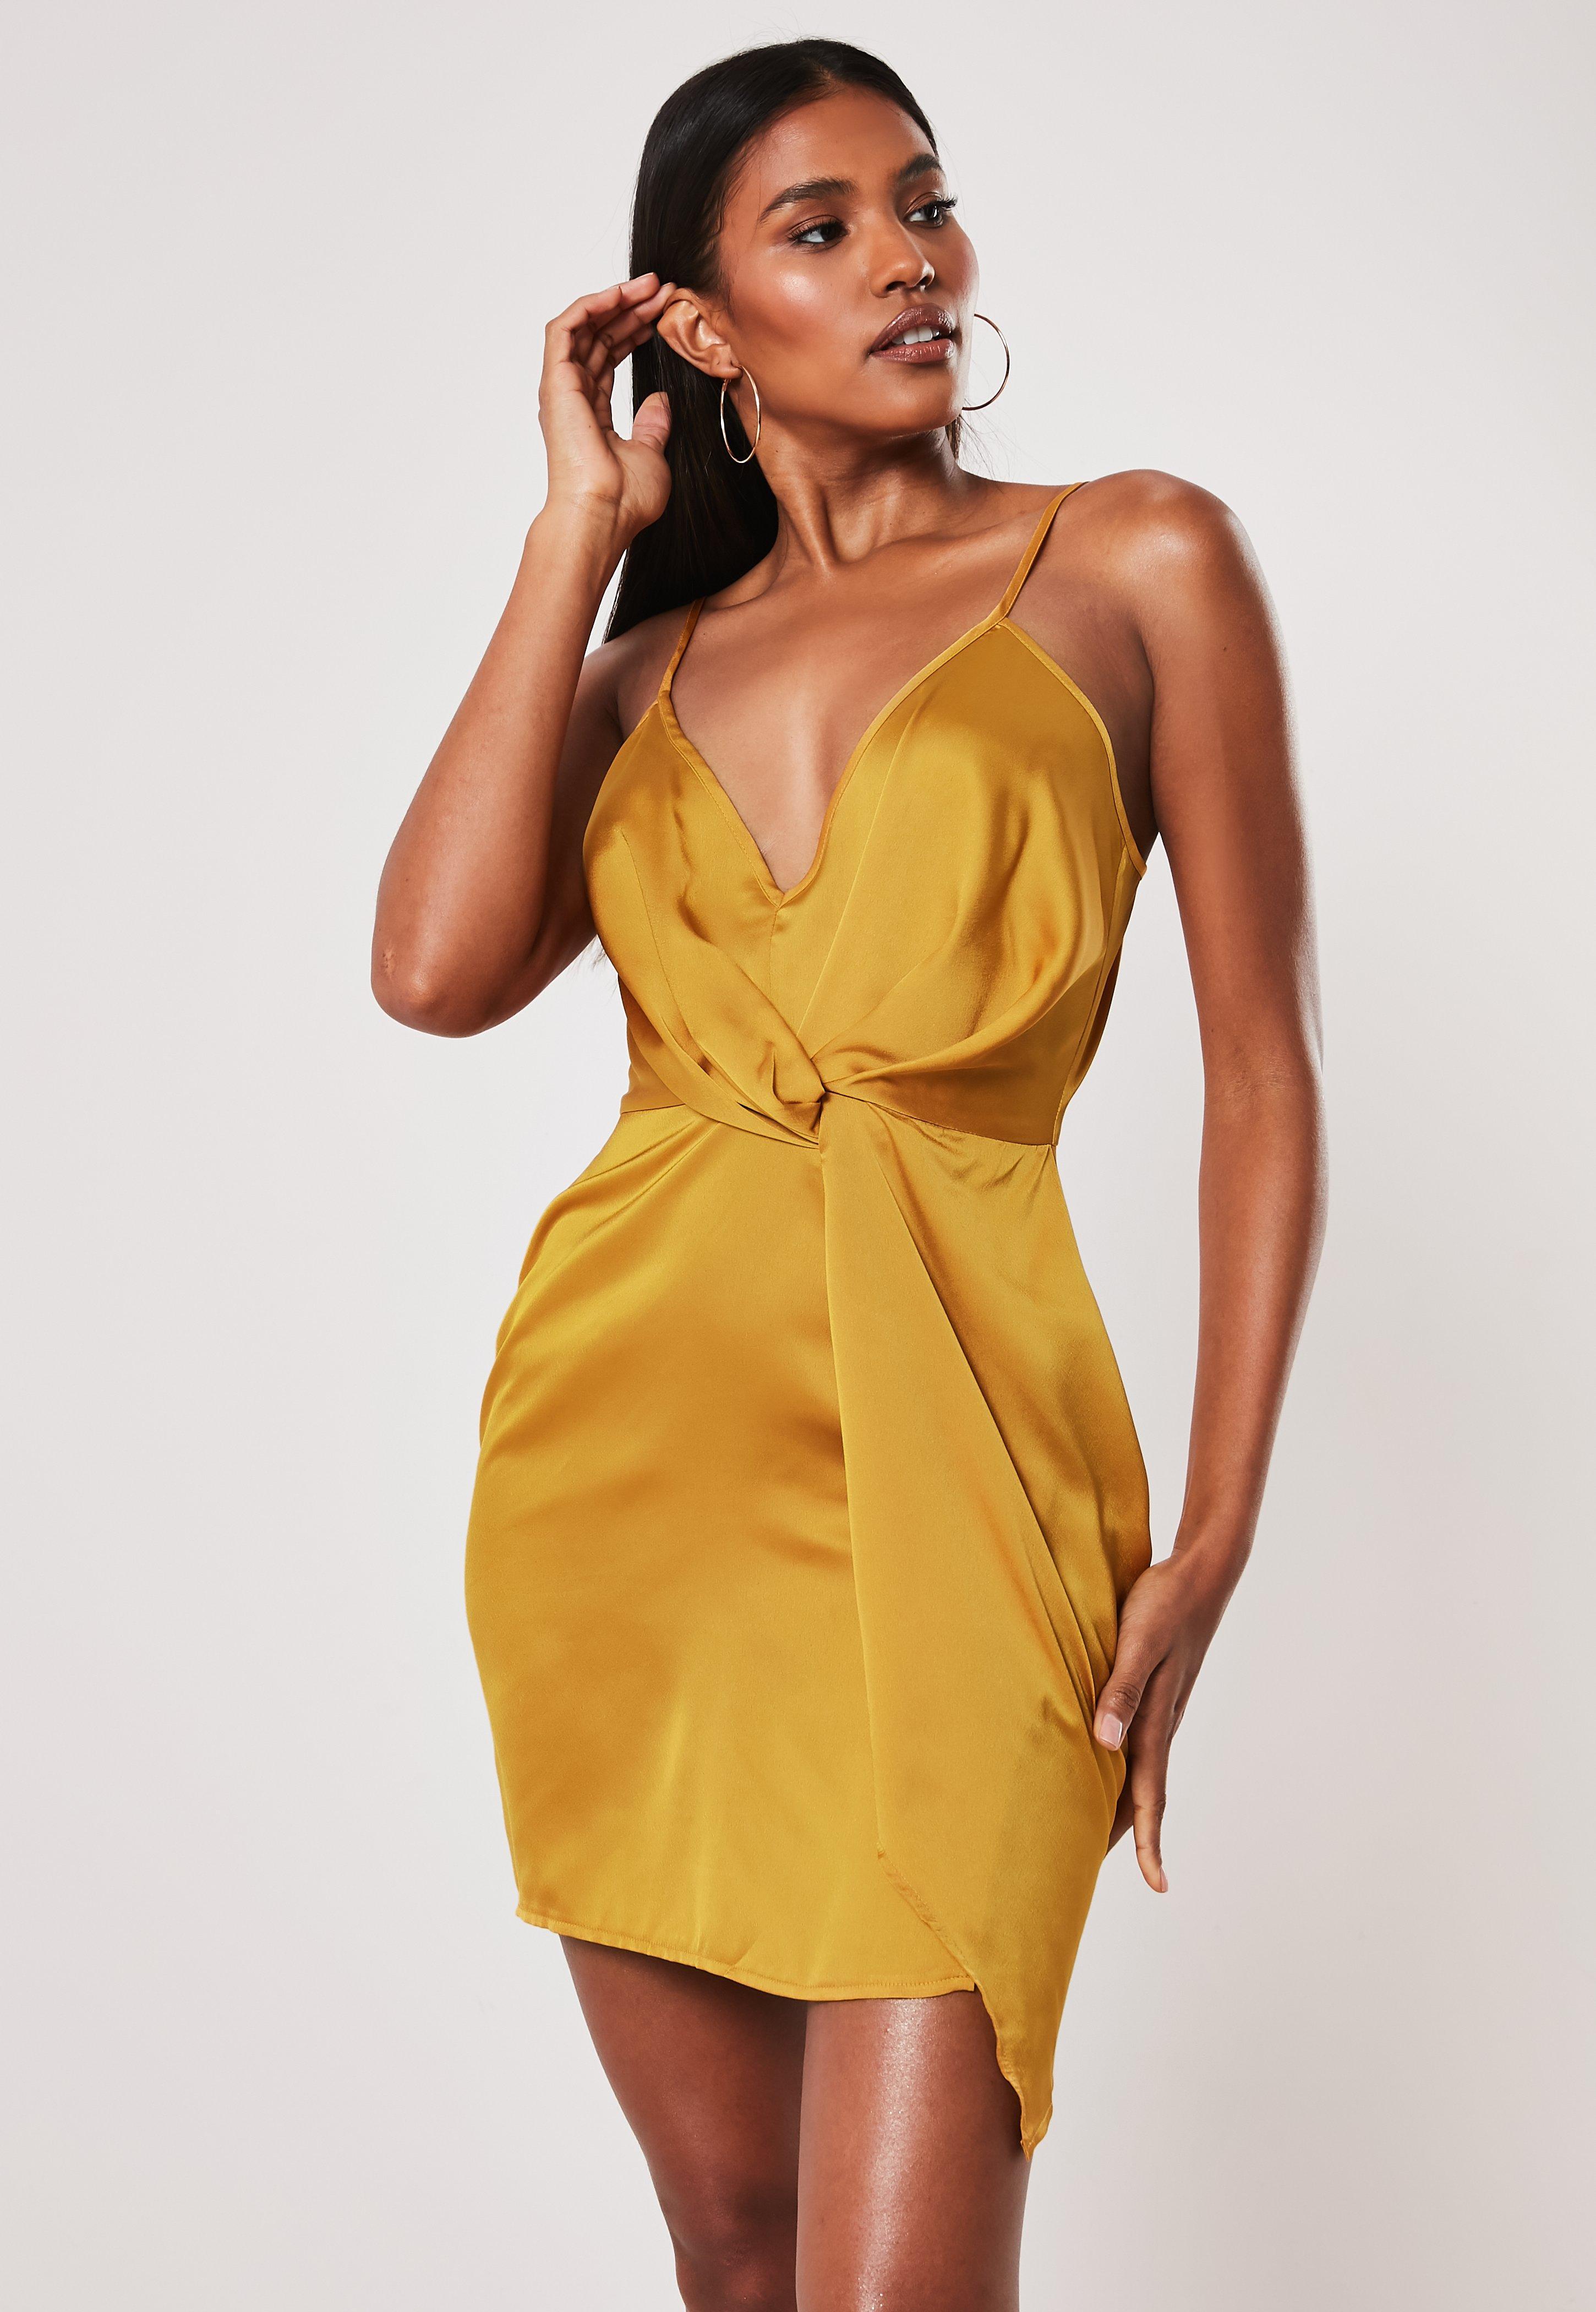 29c5db92eedd6 Deep V Neck Dress - Plunging Neckline Dresses | Missguided